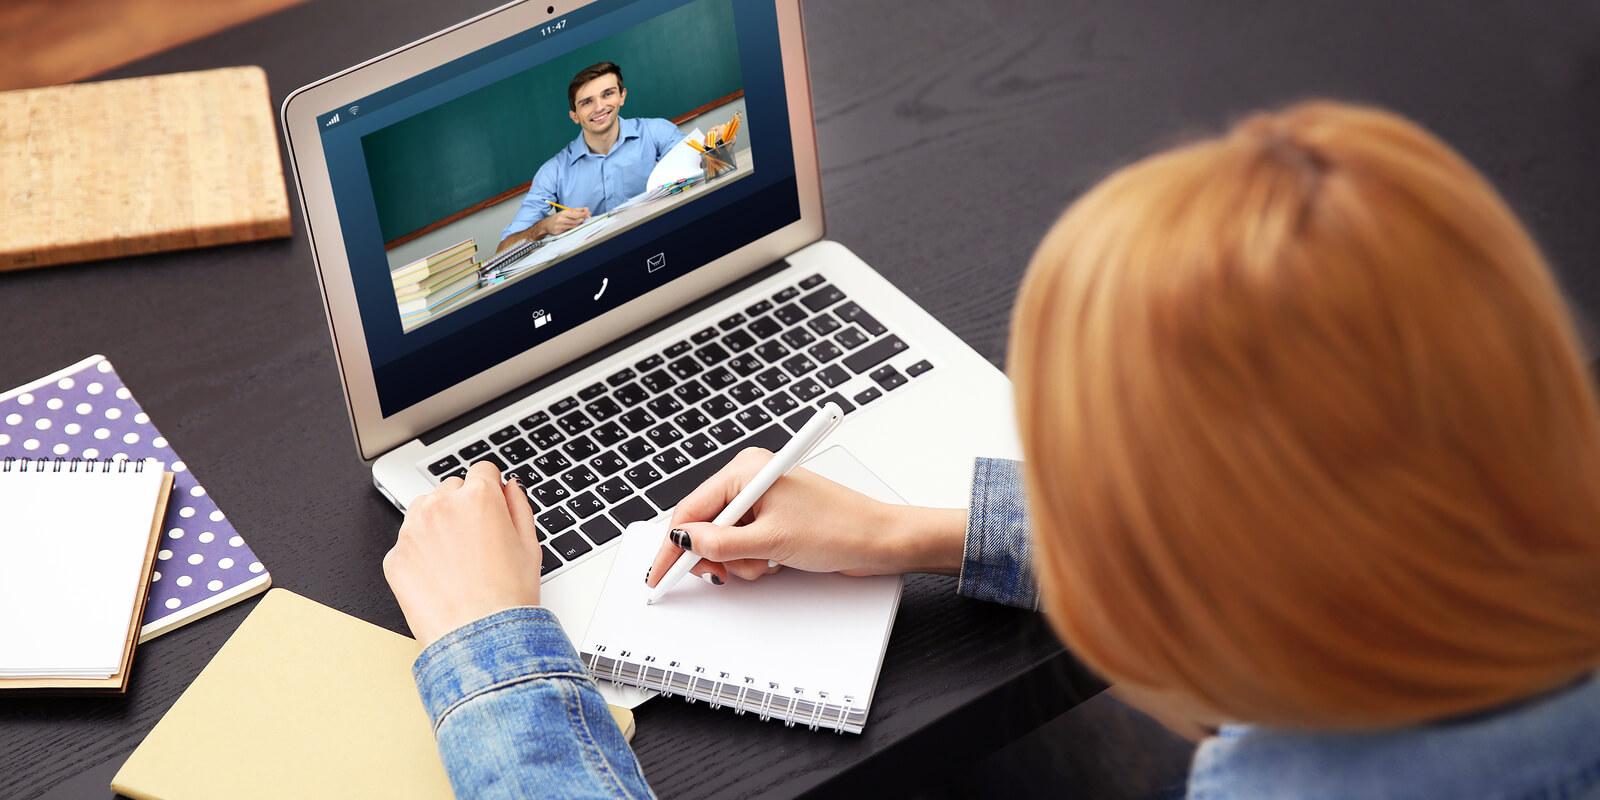 6 Δωρεάν πλατφόρμες για διαδικτυακά μαθήματα